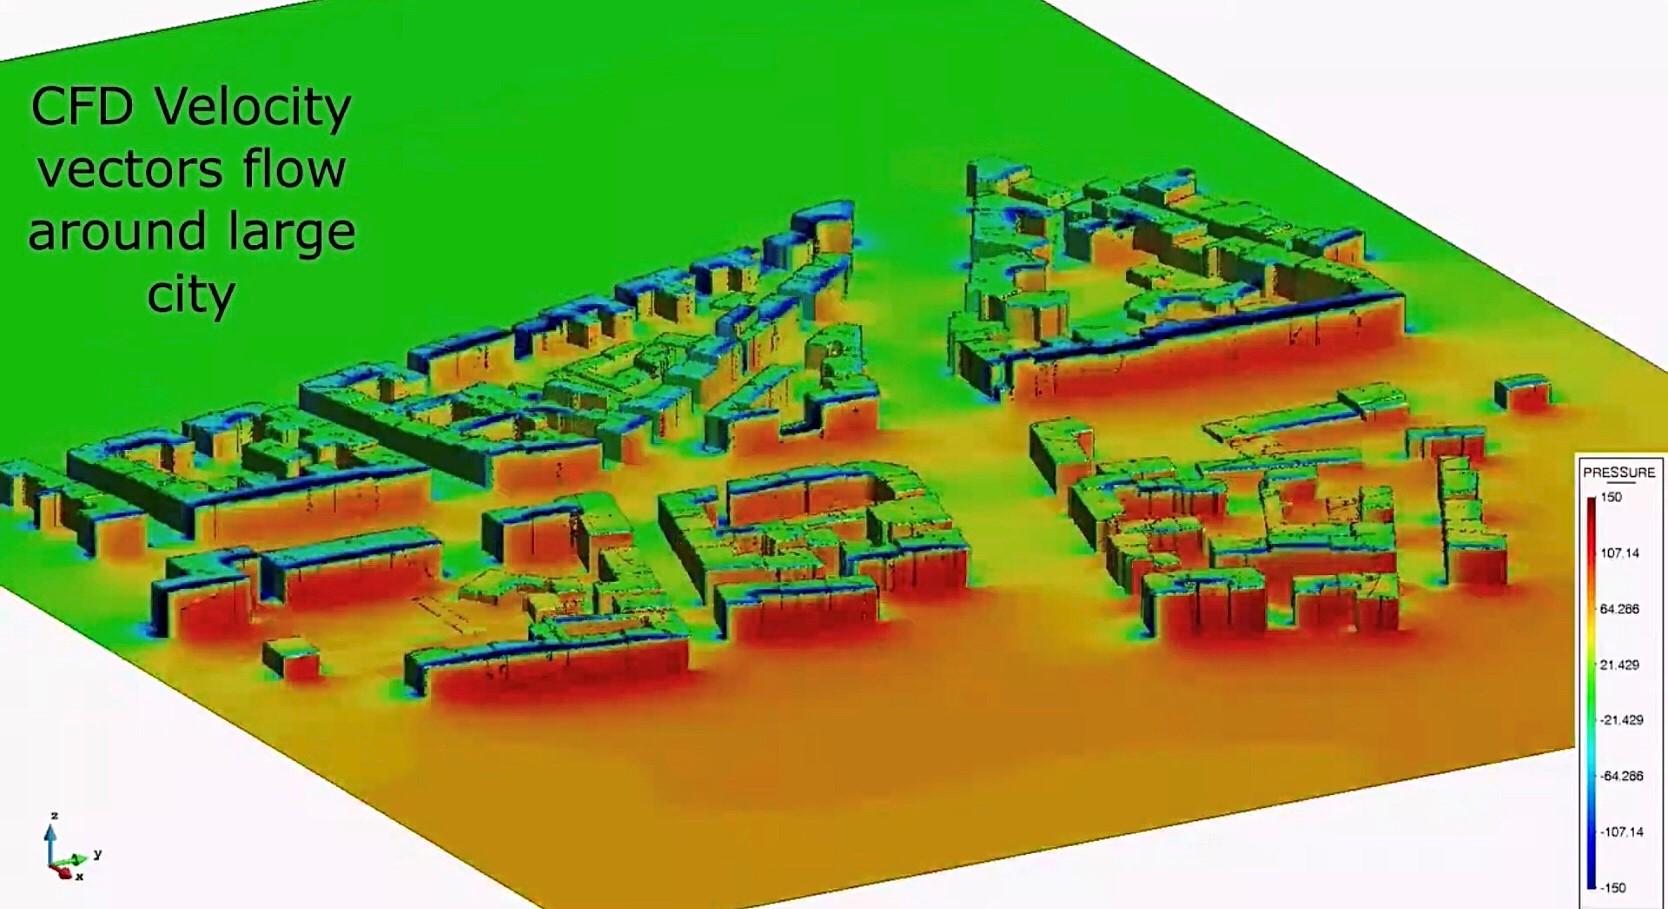 CFD Velocity Vector flow around city